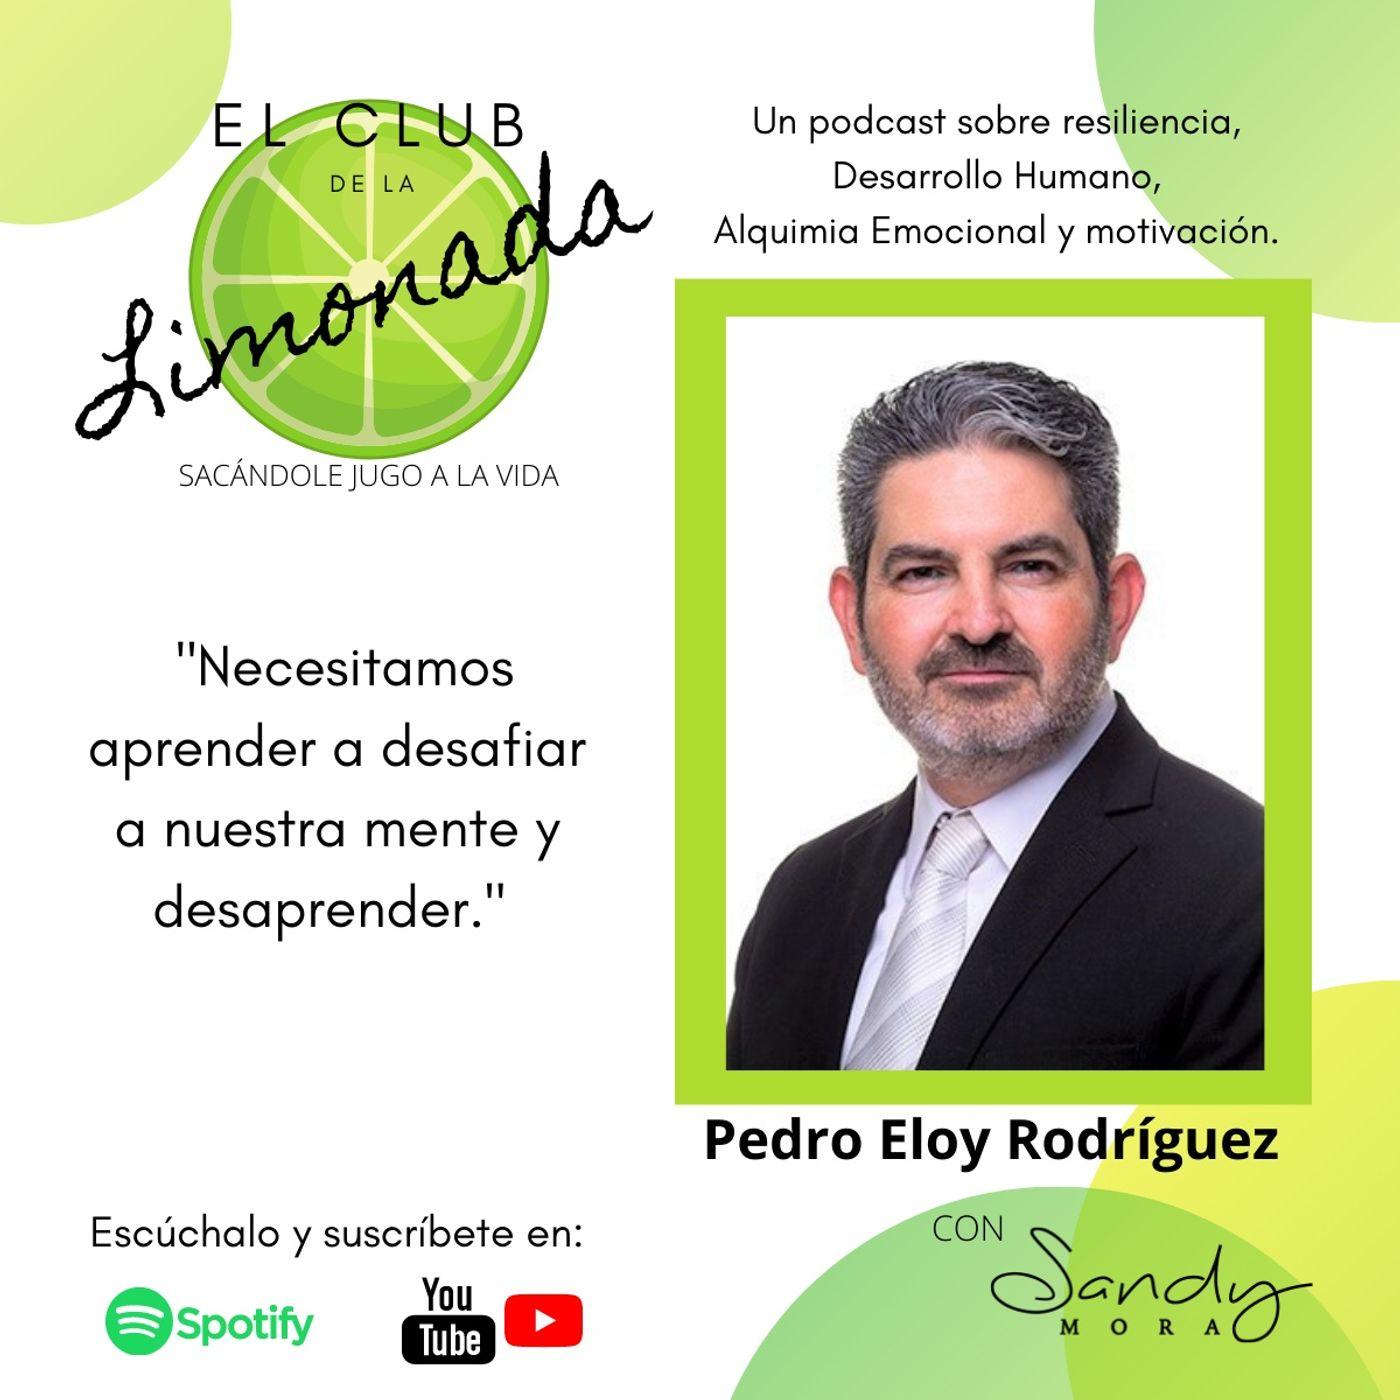 Episodio 55: Pedro Eloy Rodríguez ¿Cómo evitar la erosión?